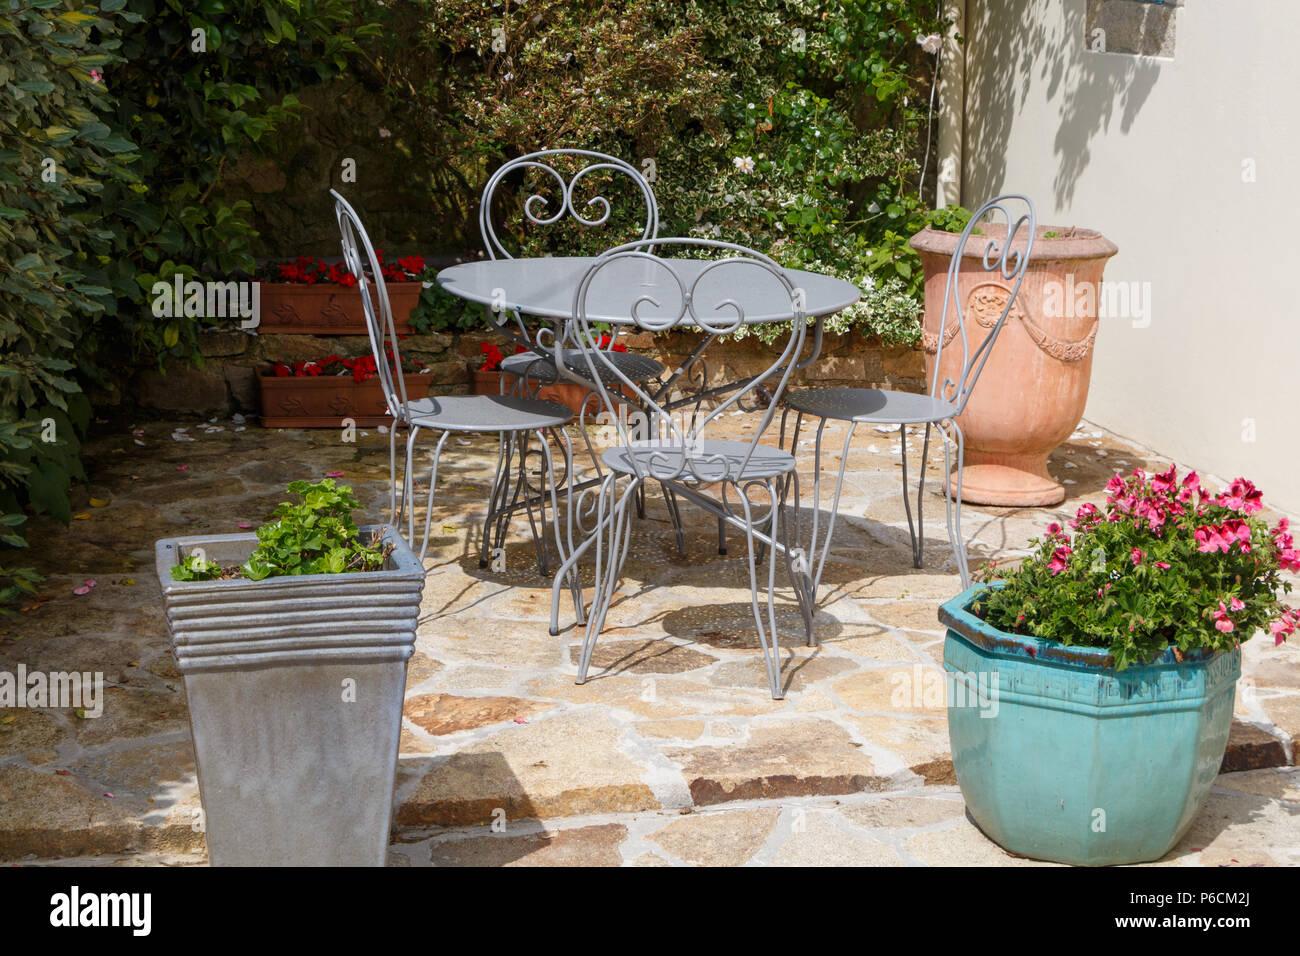 Terraza Llena De Flores Con Gris Muebles De Jardín